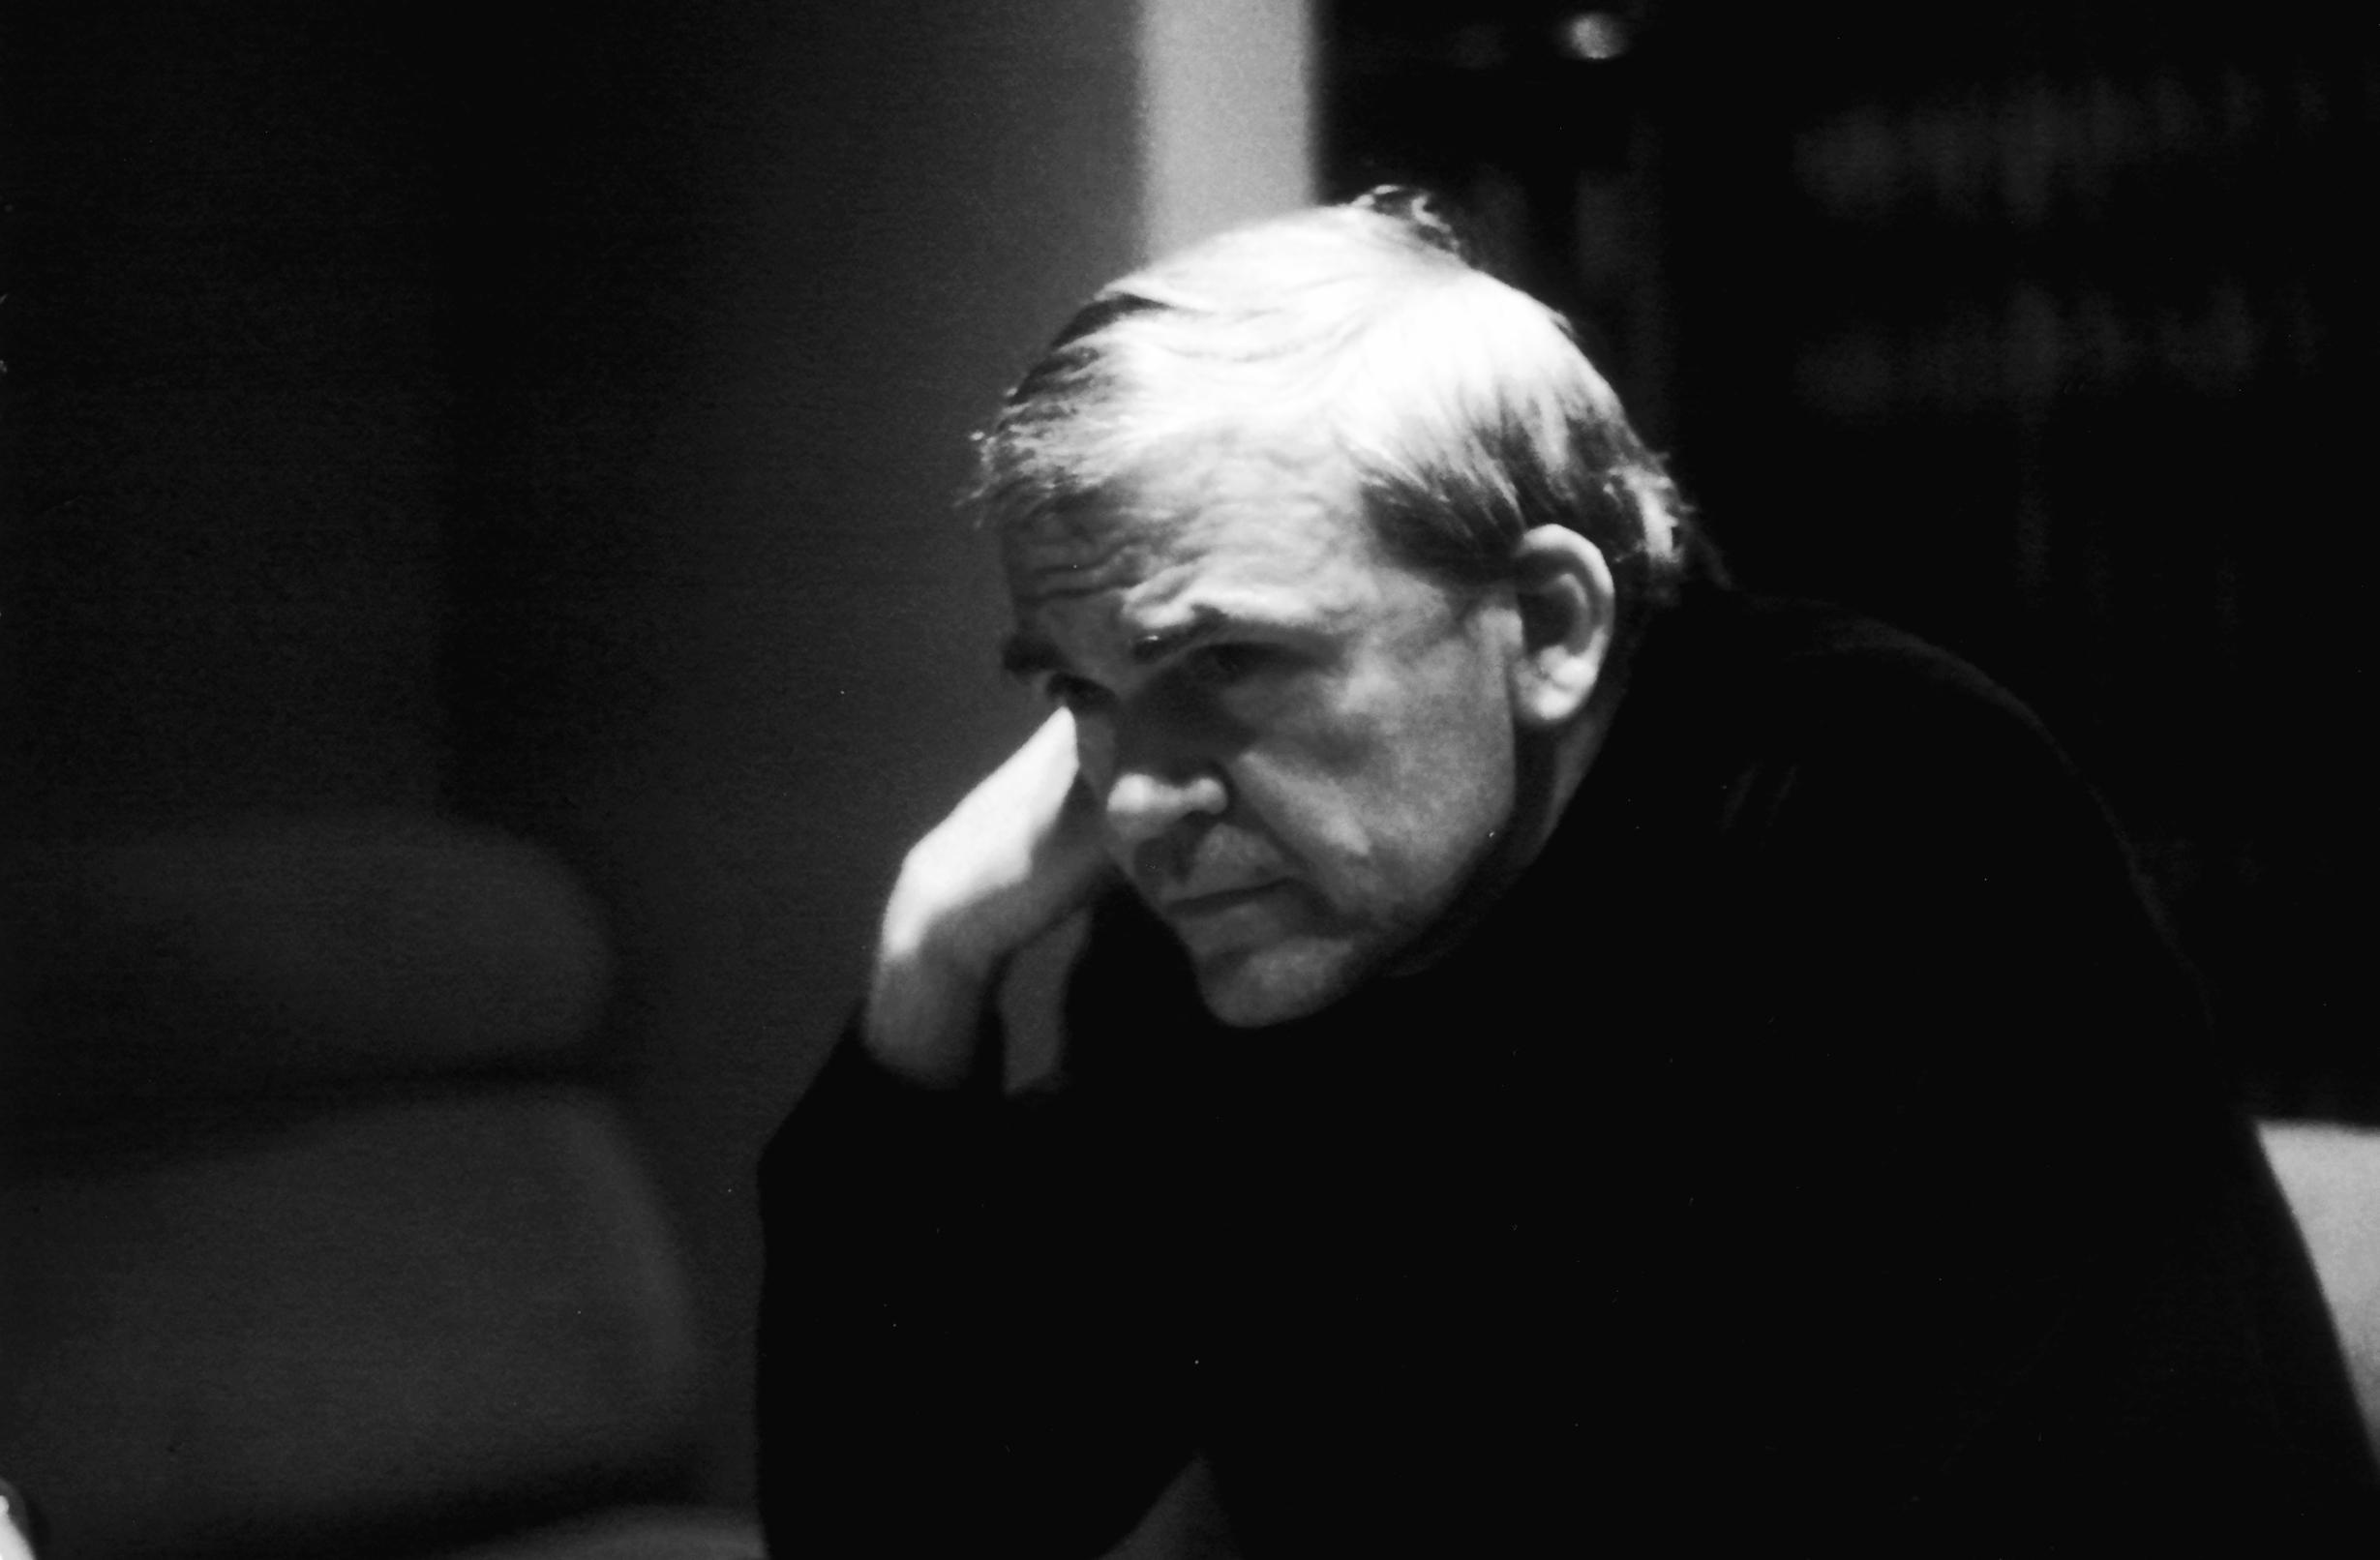 Prix Nobel de Littérature : Qu'attend-t-on pour récompenser Kundera ?